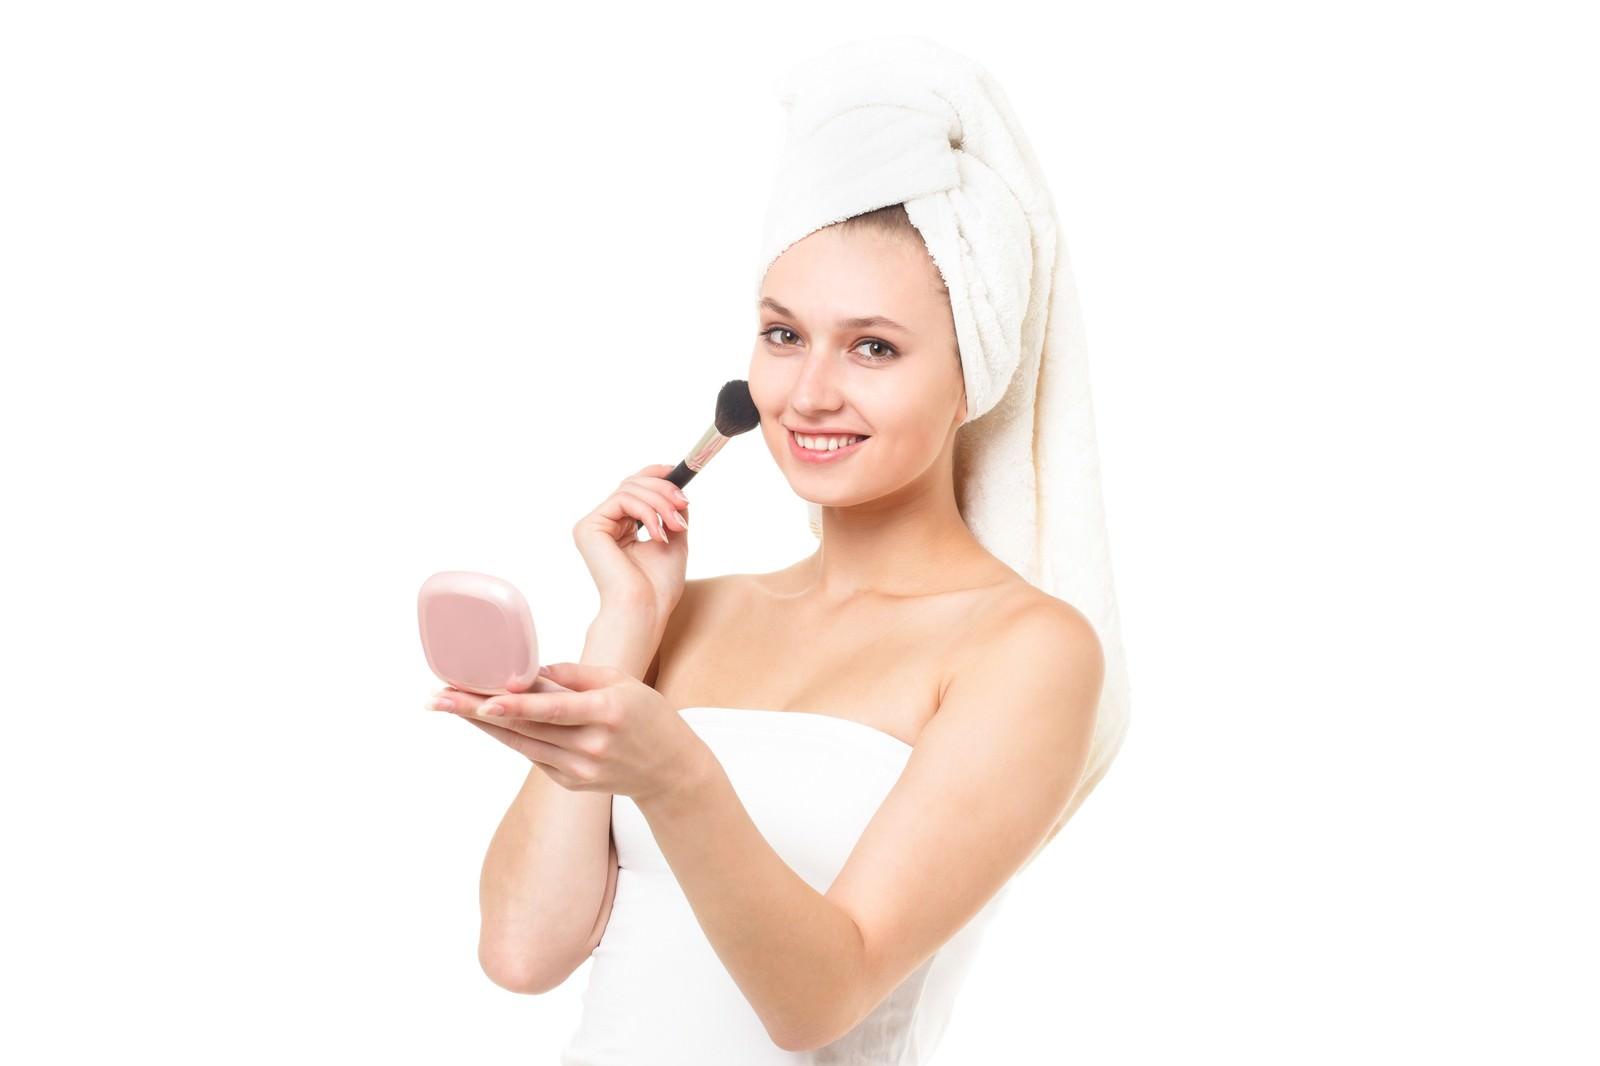 「化粧ノリをチェックする女性(エステ・美容)」の写真[モデル:モデルファクトリー]